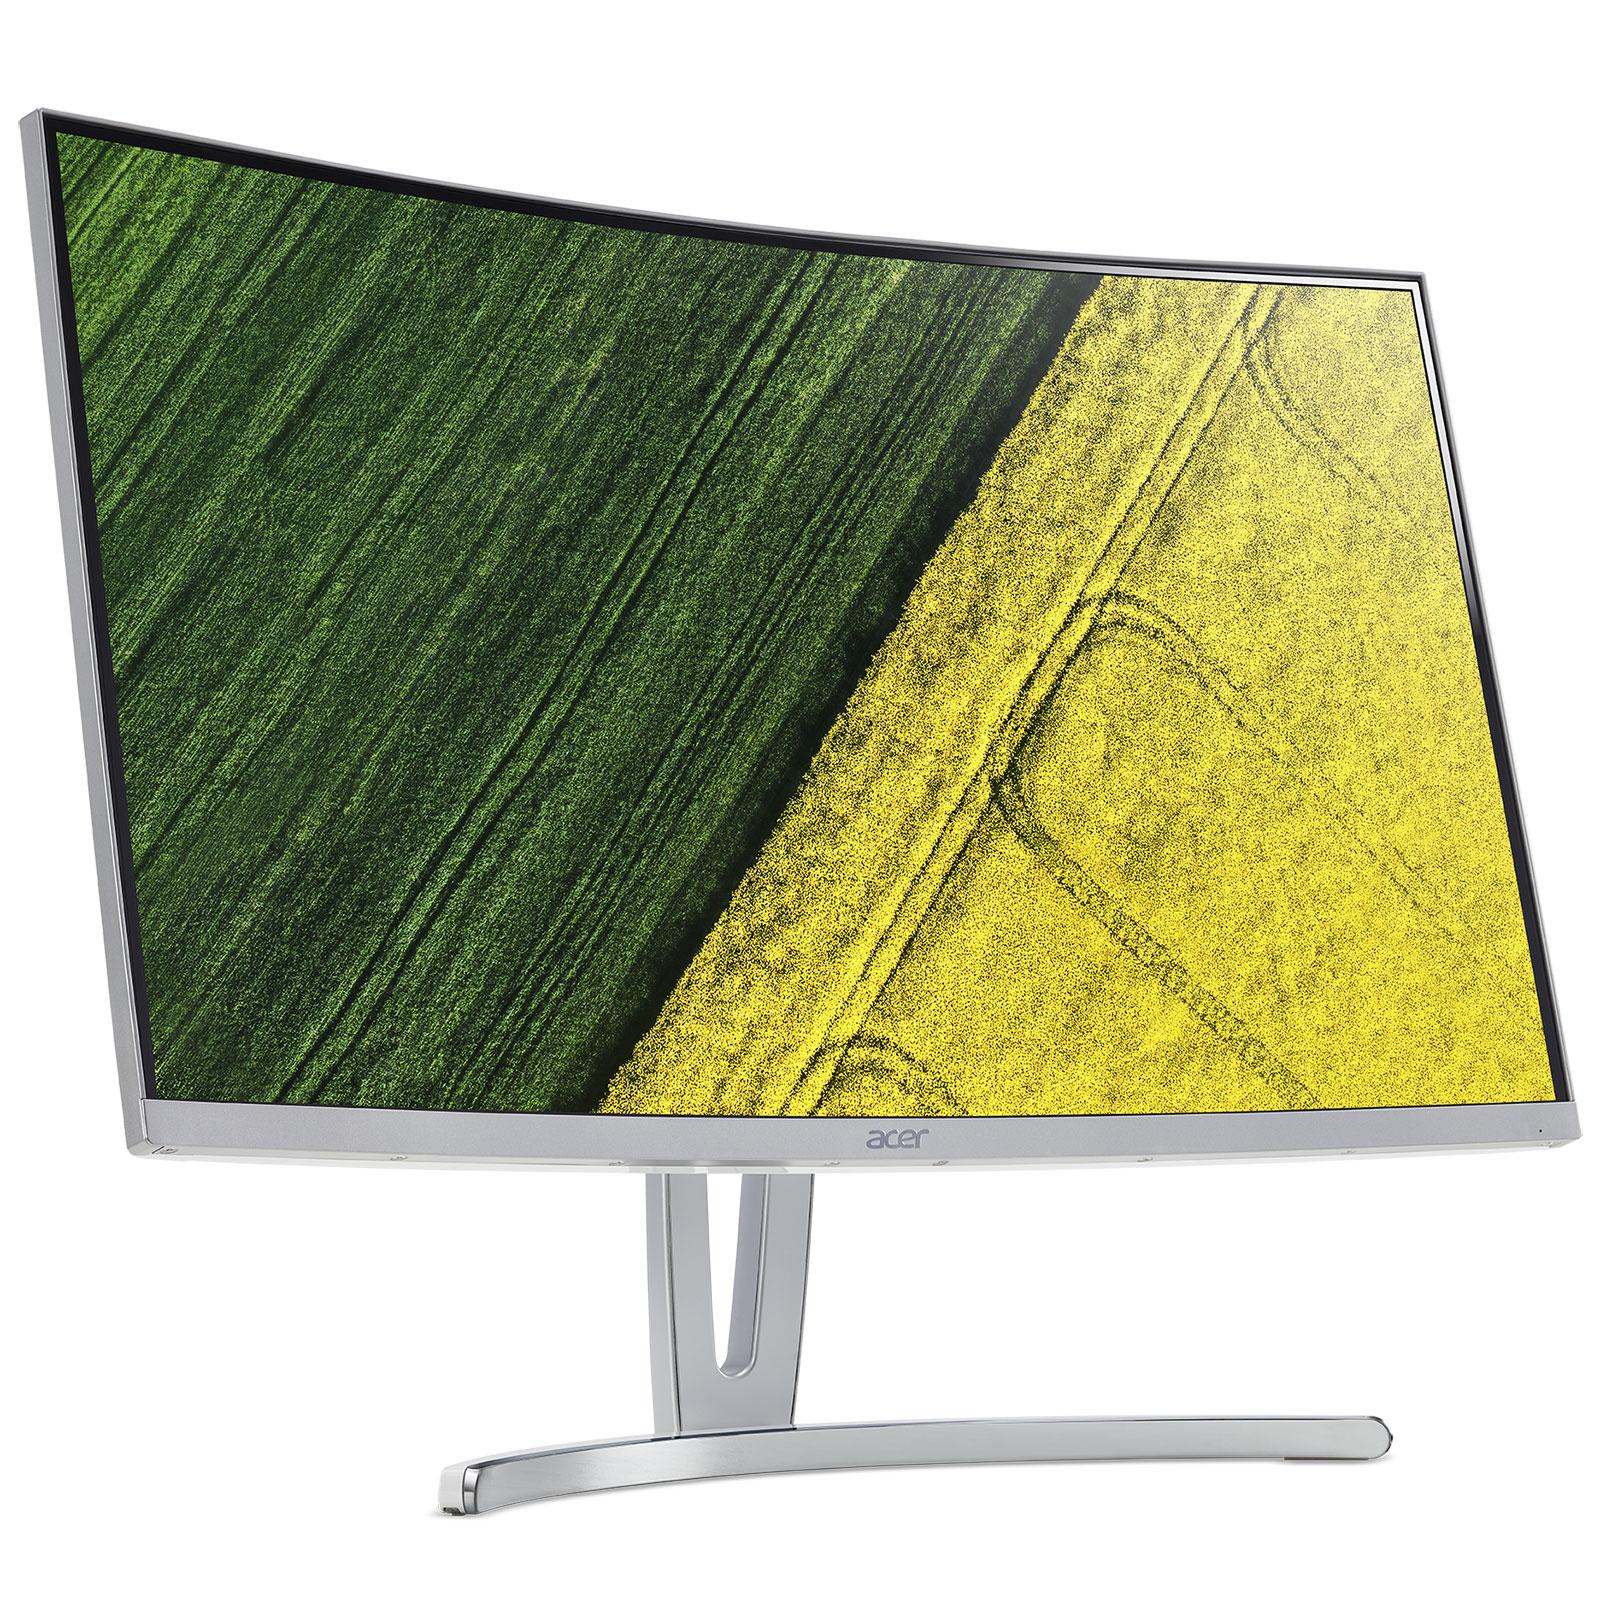 """Ecran PC Acer 27"""" LED - ED273wmidx 1920 x 1080 pixels - 4 ms - Format large 16/9 - Dalle VA incurvée - HDMI - Argent (Garantie constructeur 2 ans)"""